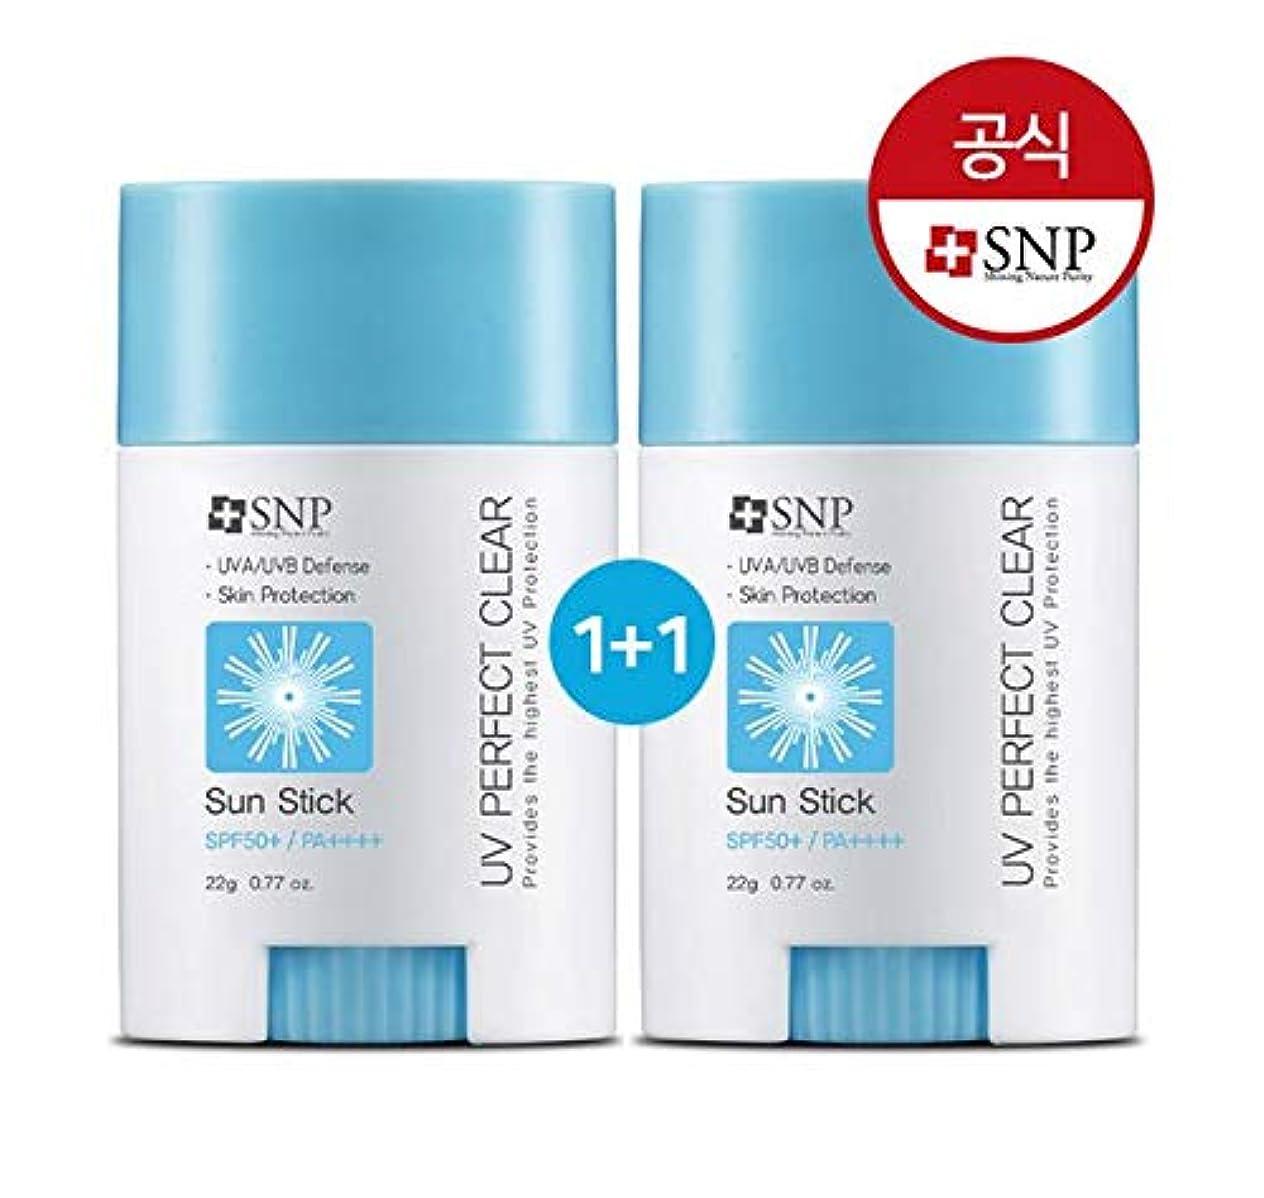 [ 1 + 1 ] エスエンピ(SNP) UV パーフェクト クリア 日焼け止めスティック22g (SPF50+ PA++++) / UV PERFECT CLEAR SUN STICK/韓国日焼け止め